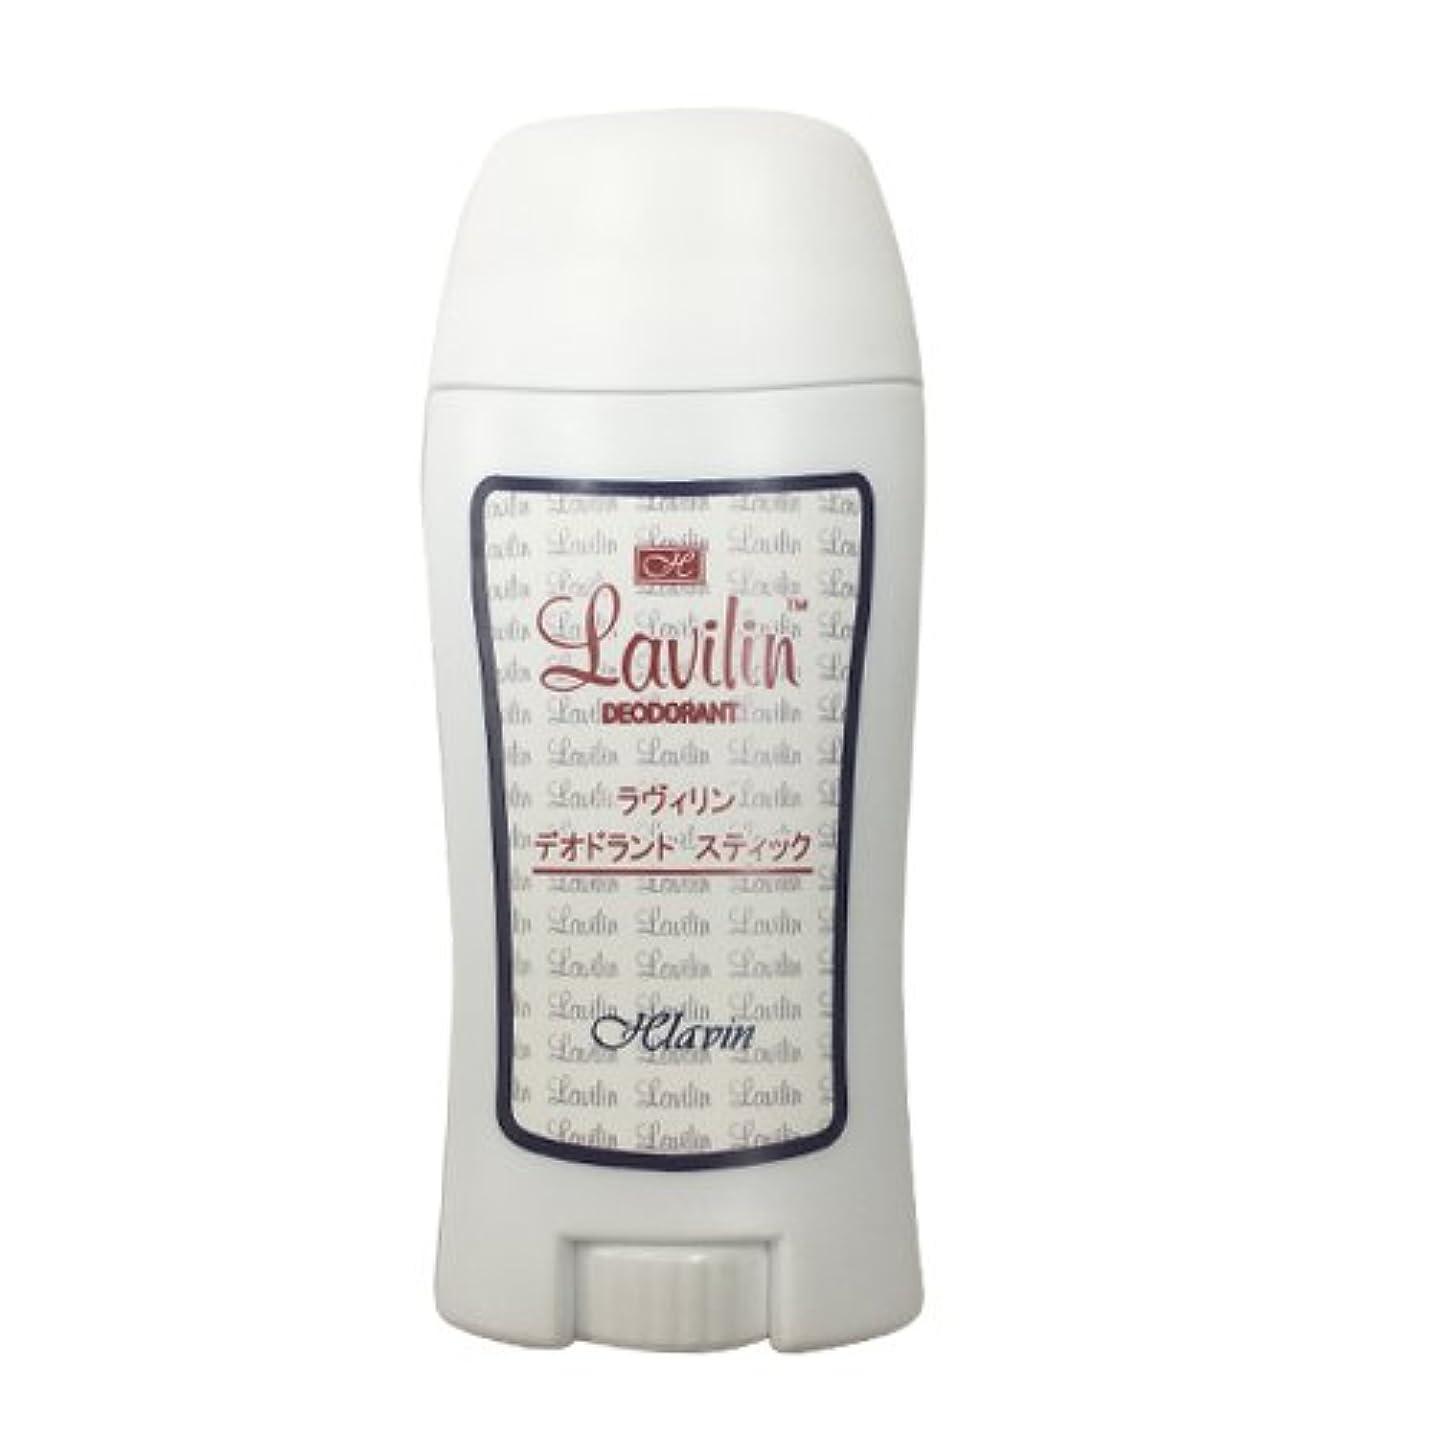 規制する最小診療所ラヴィリン デオドラント スティック (Lavilin deodorant stick) 60ml